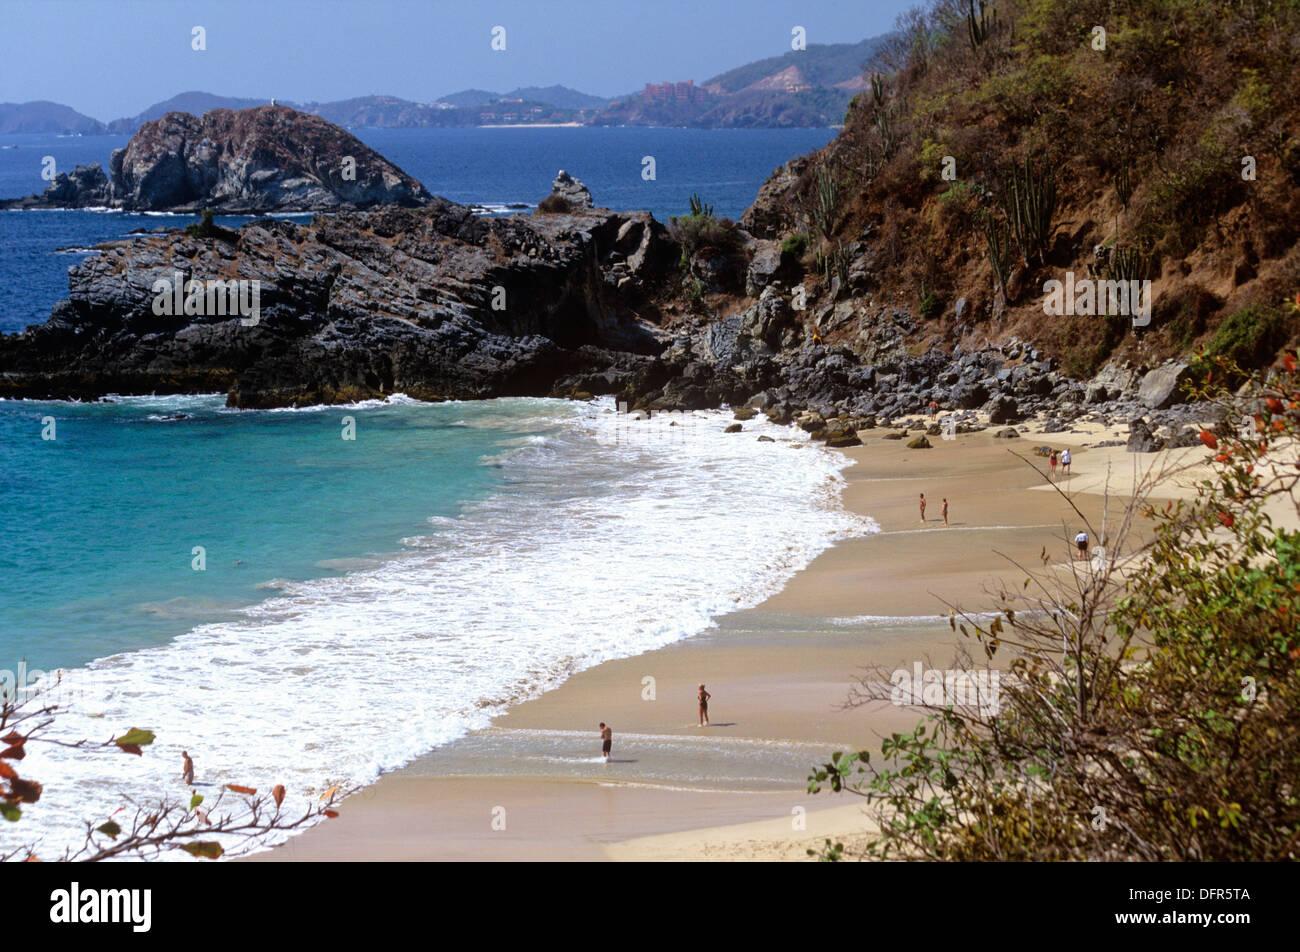 Playa Vista Hermosa, erstreckt sich zwischen natürlichen Felsformationen und Las Brisas Hotel, Ixtapa/Zihuatanejo, Mexiko. Stockbild